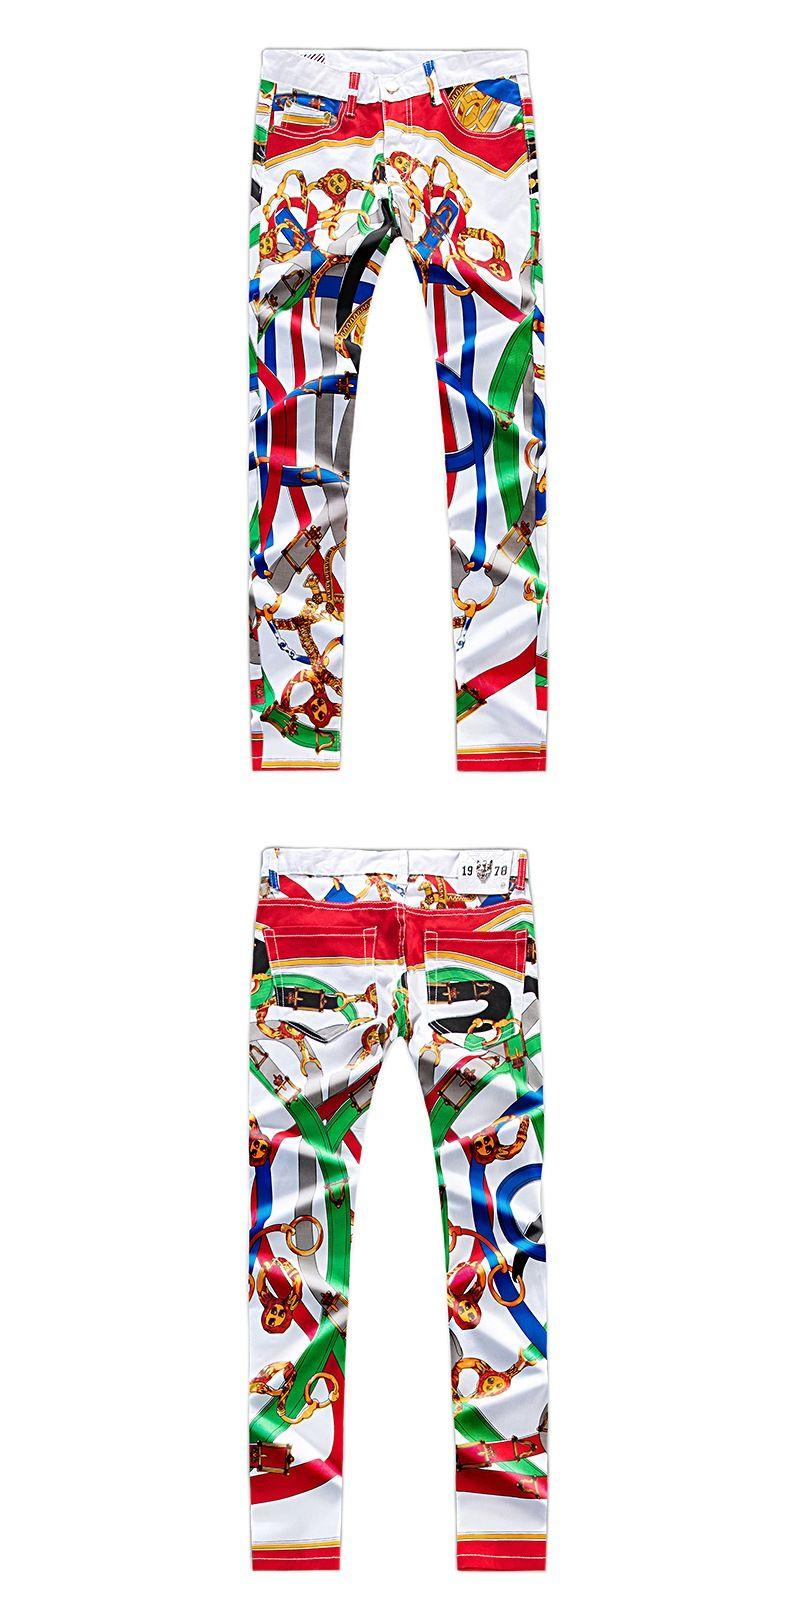 8d311a5c40d 2018 New Designer Men Fashion Jeans Famous Brand Italian luxury print Jeans  Slim Fit Mens Printed Jeans Biker Denim Pants